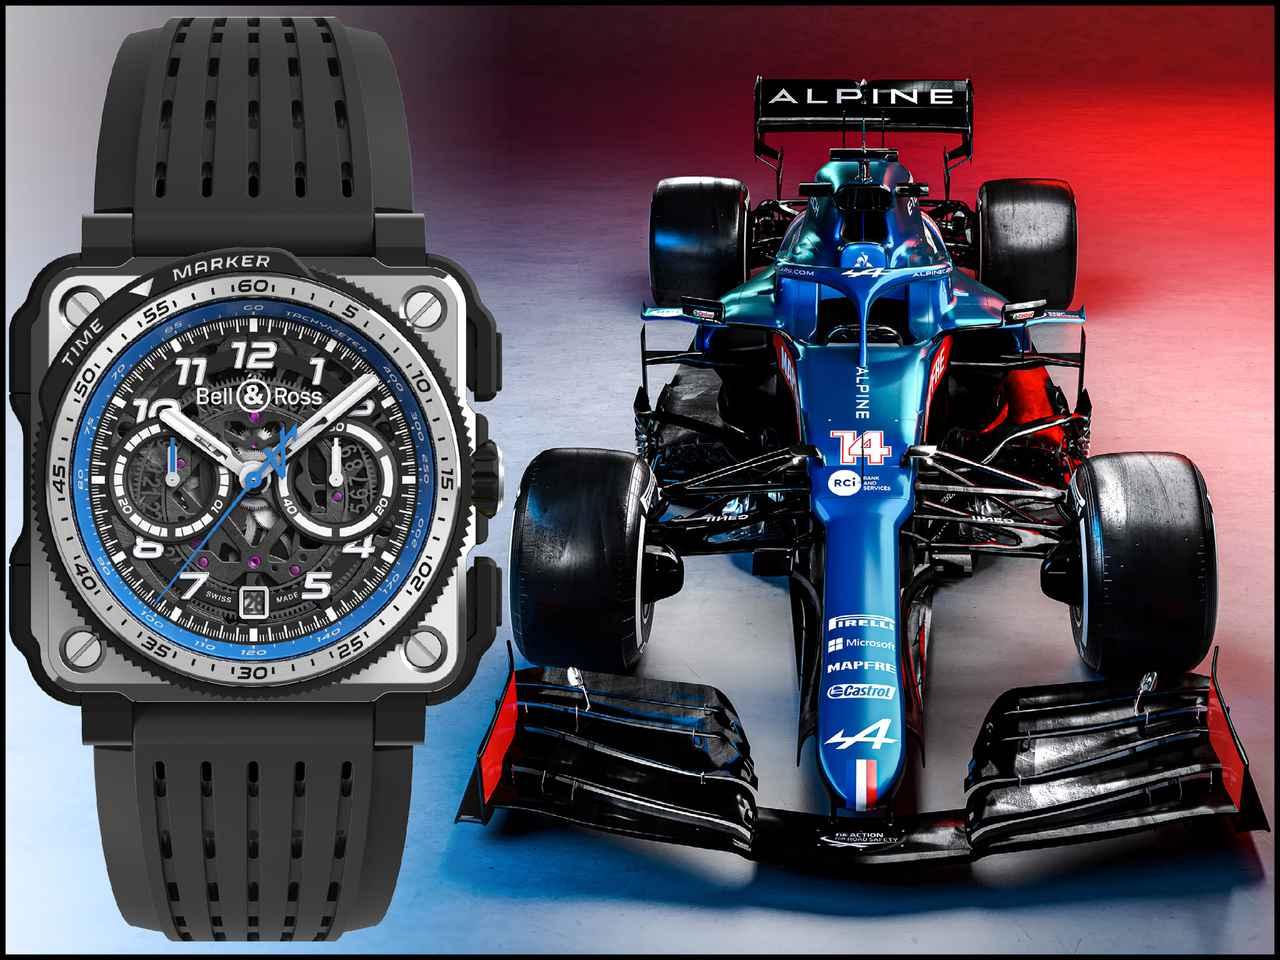 アルピーヌ F1チームのグラフィックをフィーチャーした腕時計4モデルを「ベル&ロス」が限定発売